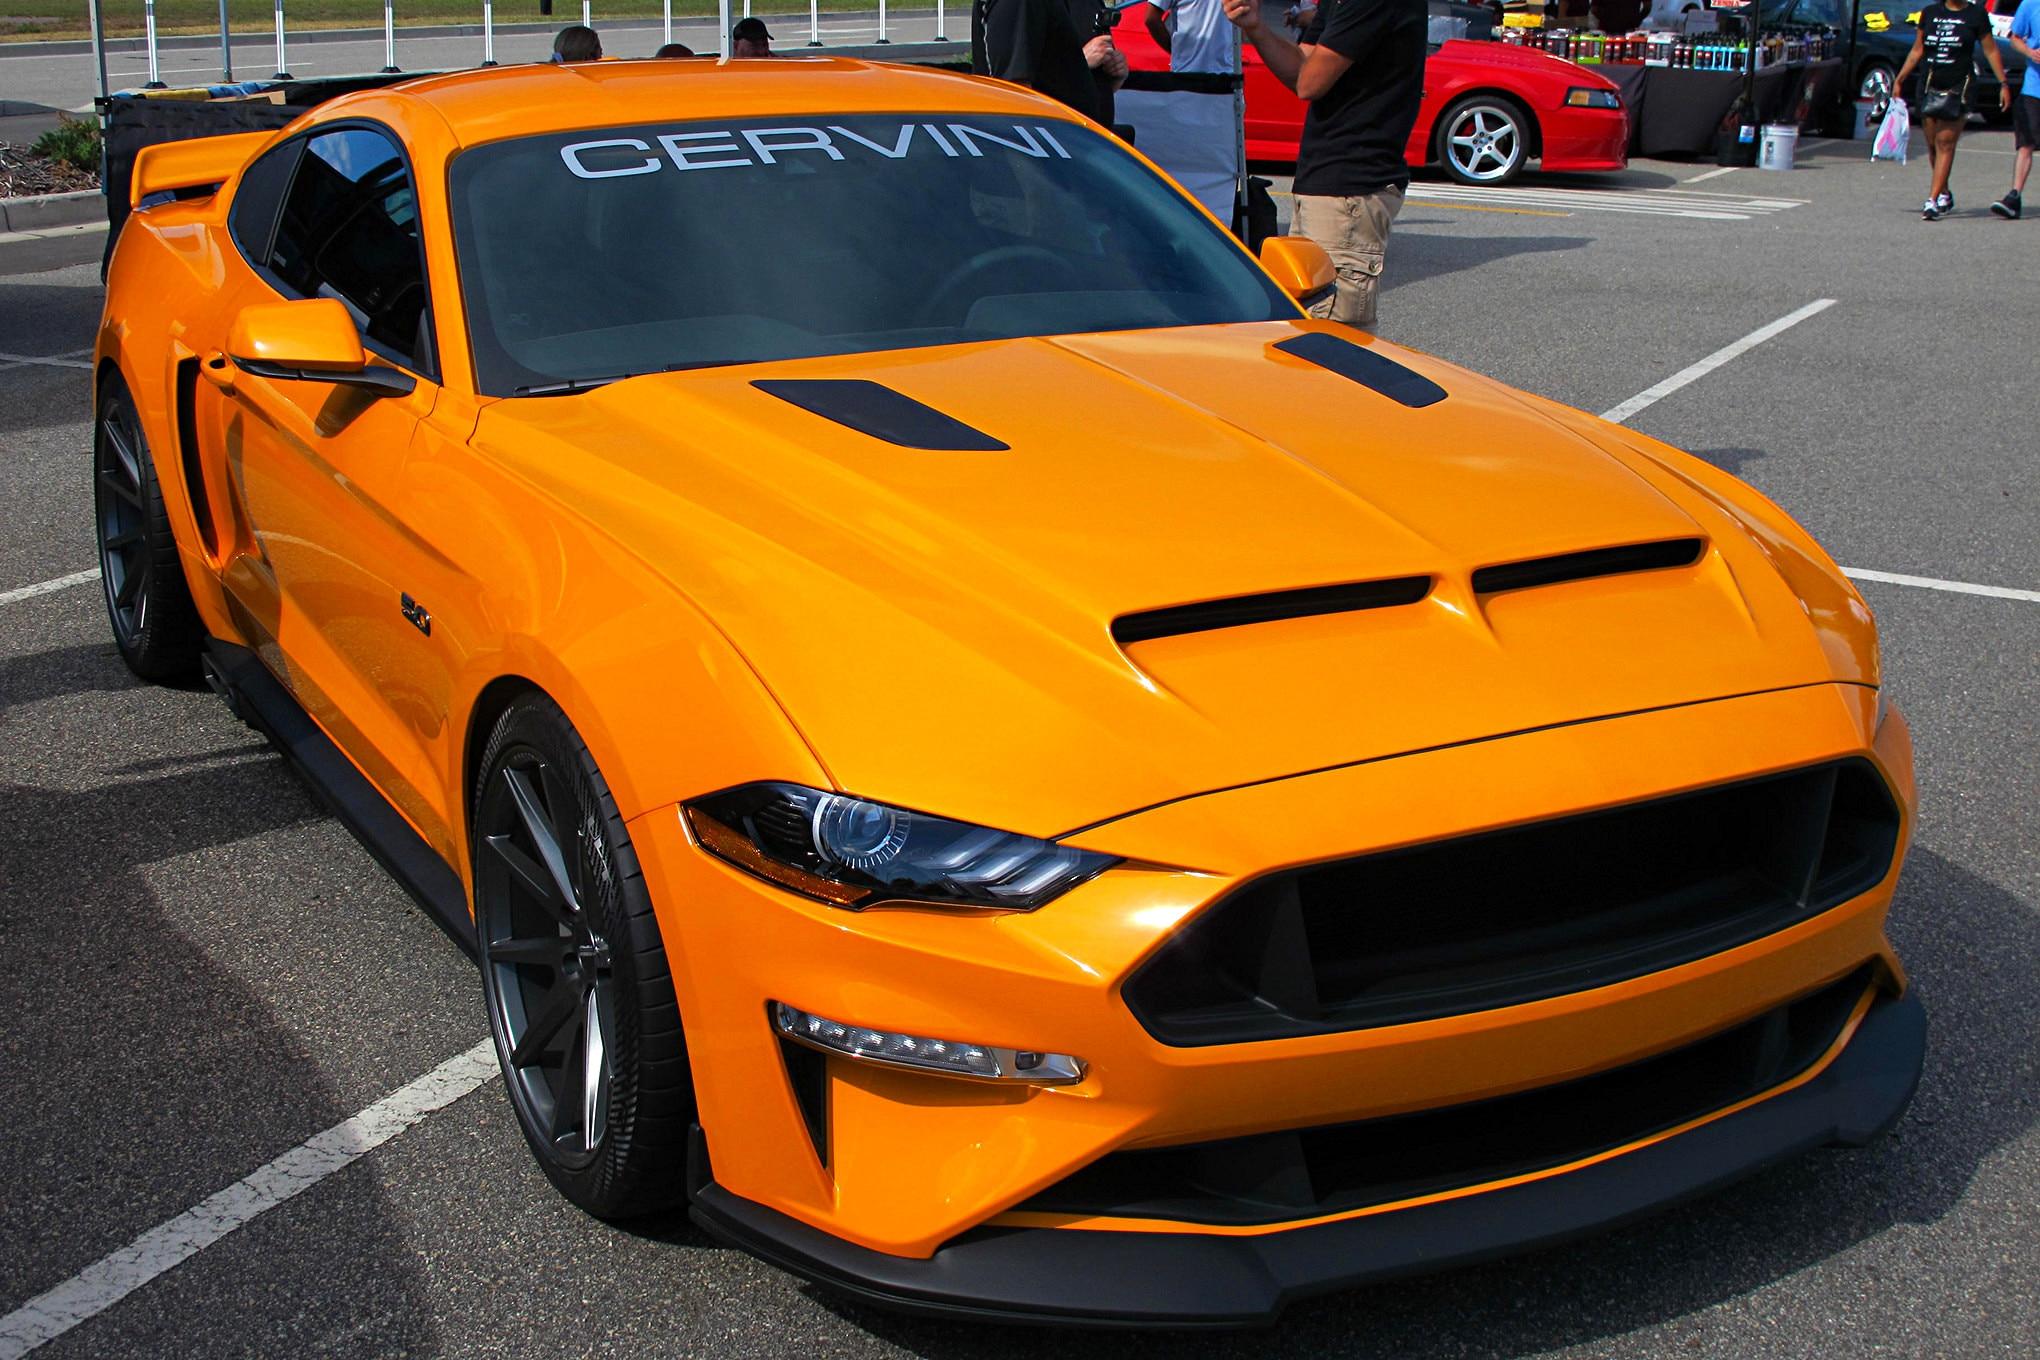 061 2018 Mustang Week S550 Mustangs